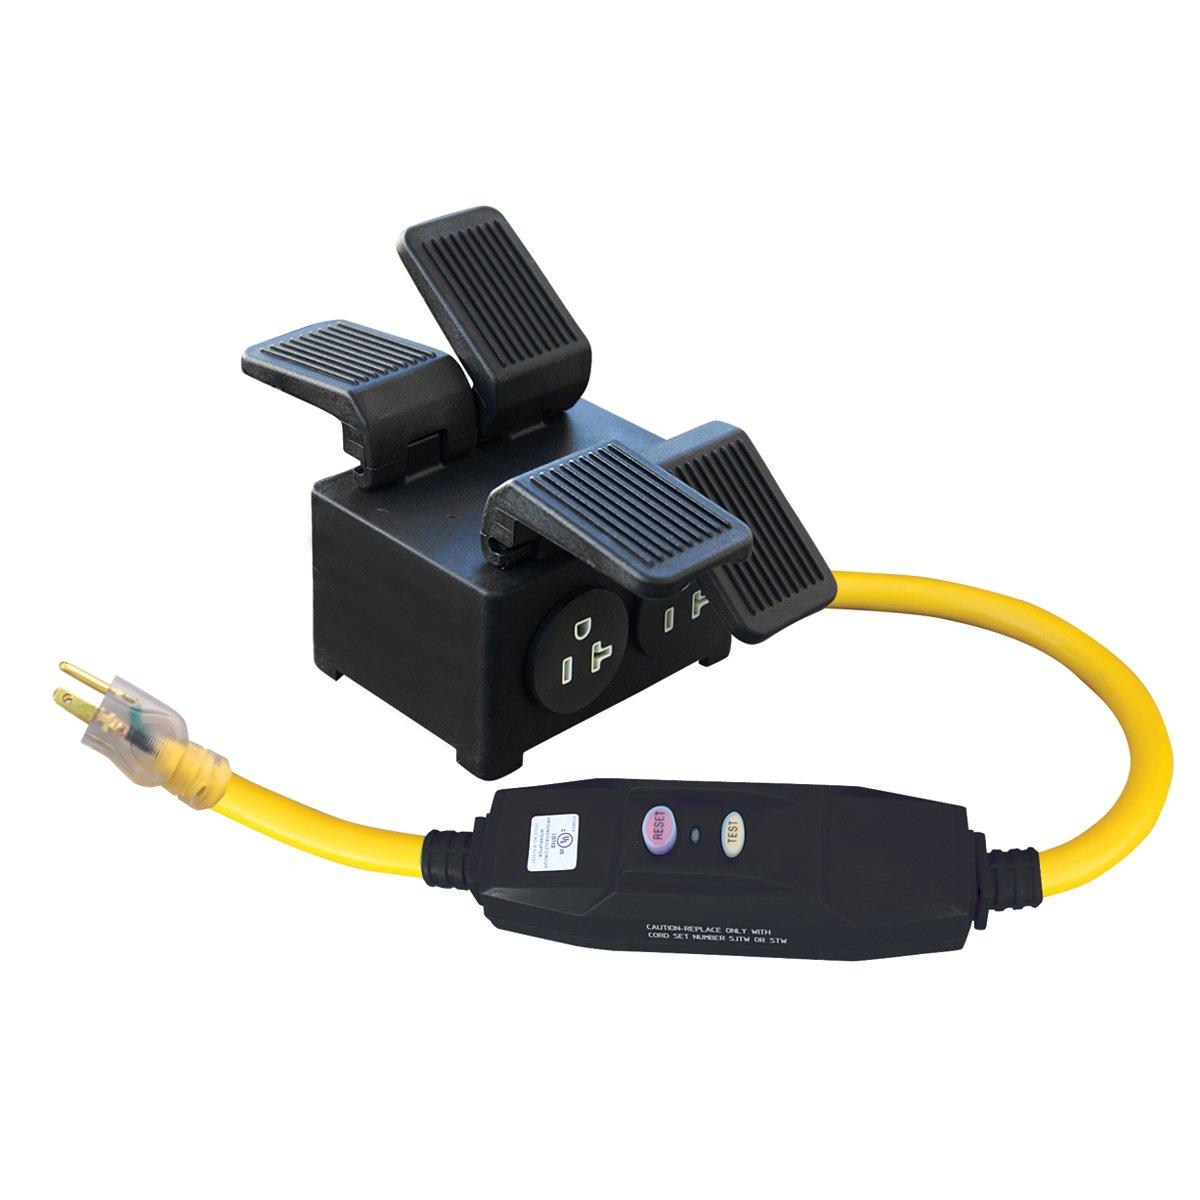 Voltec 04-00107 Receptacle 5-20R (x4) 20 Amp in-Line GFCI Quad Box Adapter, 3'